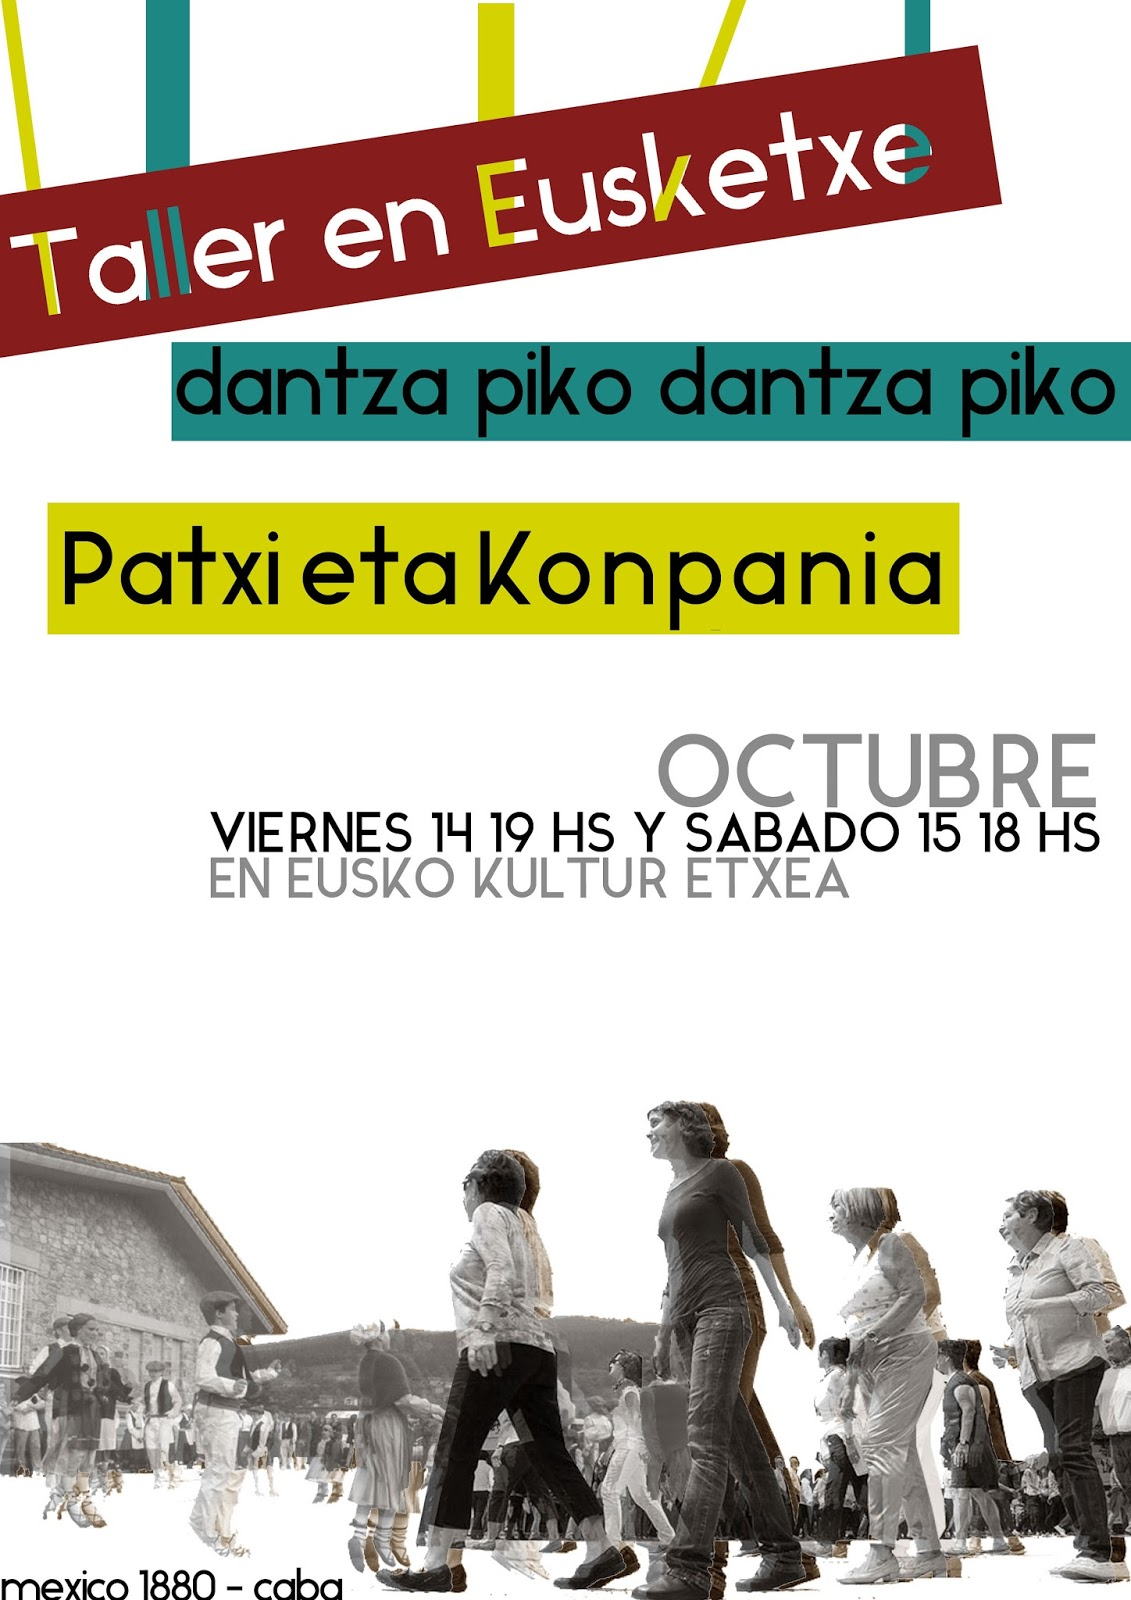 TALLER DE DANZA  DE PATXI PÉREZ  EN EUSKETXE